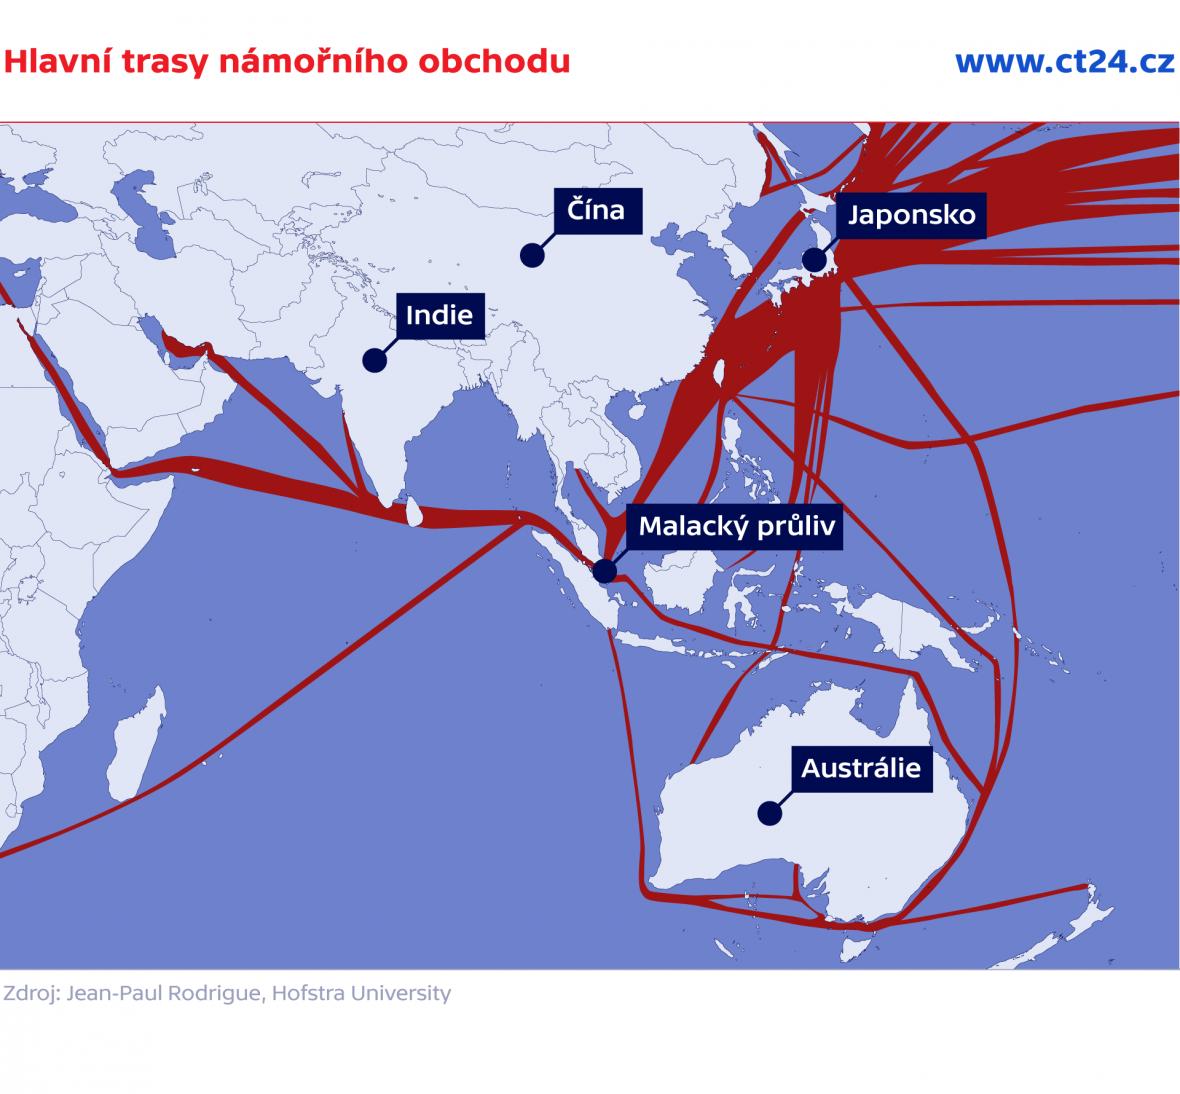 Hlavní trasy námořního obchodu